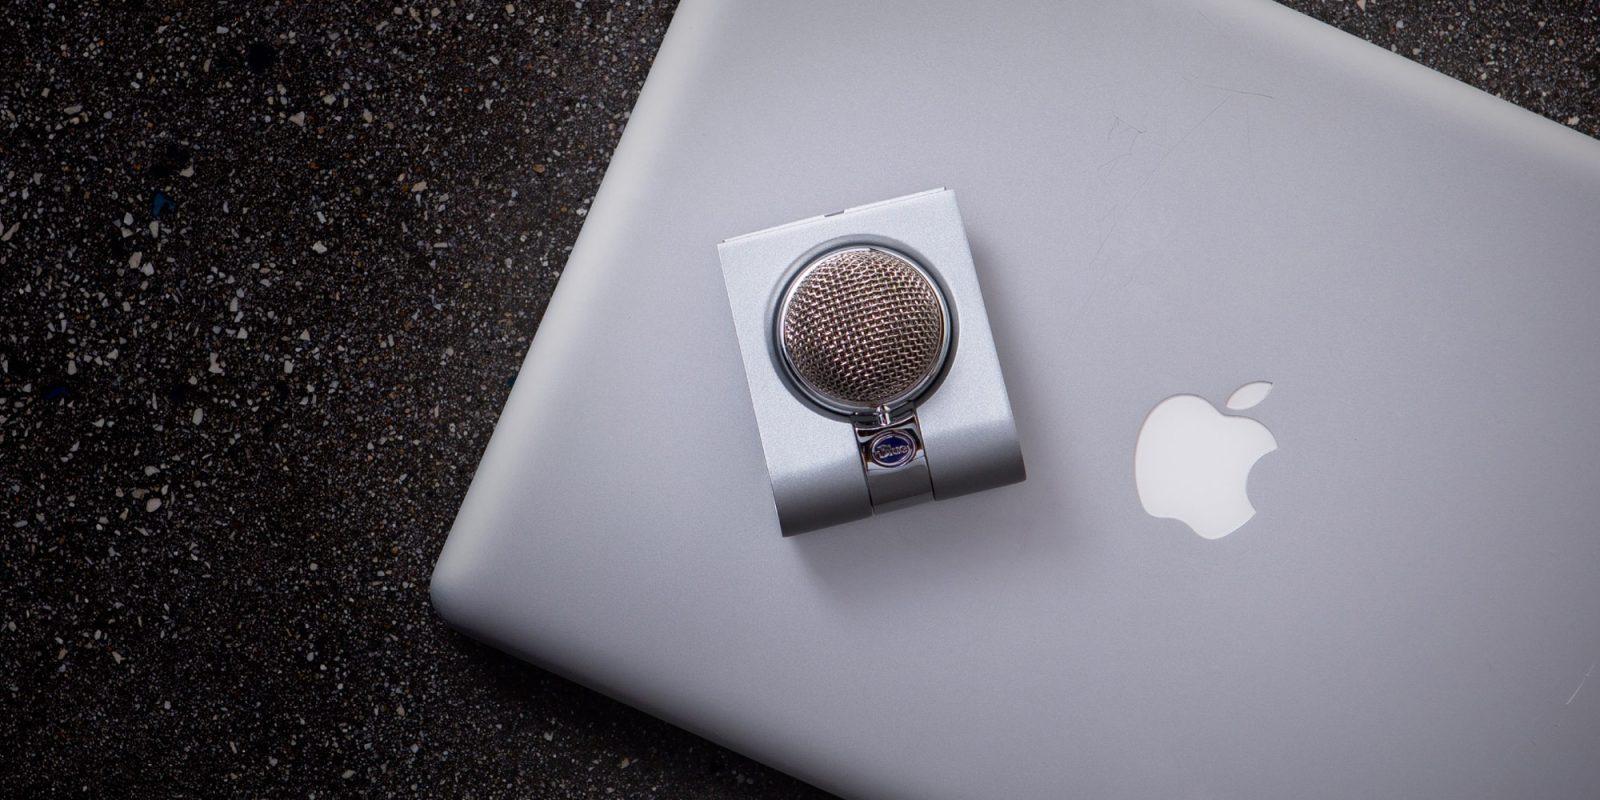 Blue's slim Snowflake USB Microphone easily fits in backpacks: $36 (Reg. $60)